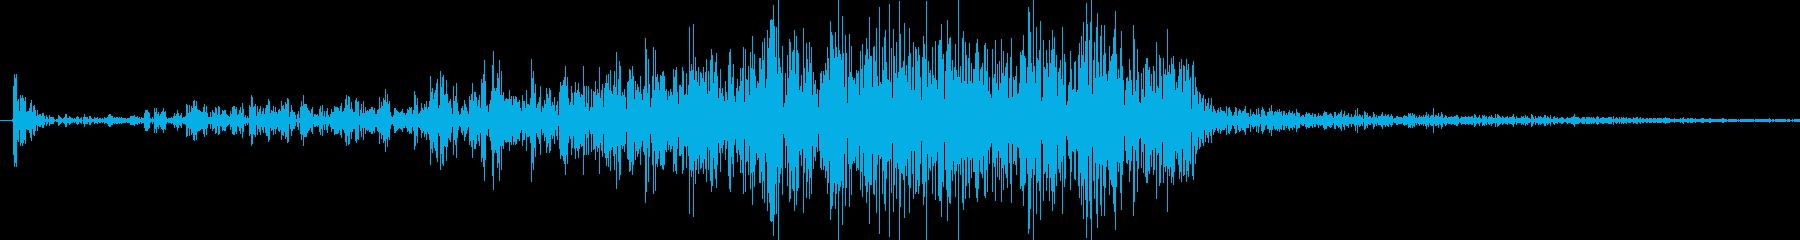 500円玉をこする音の再生済みの波形